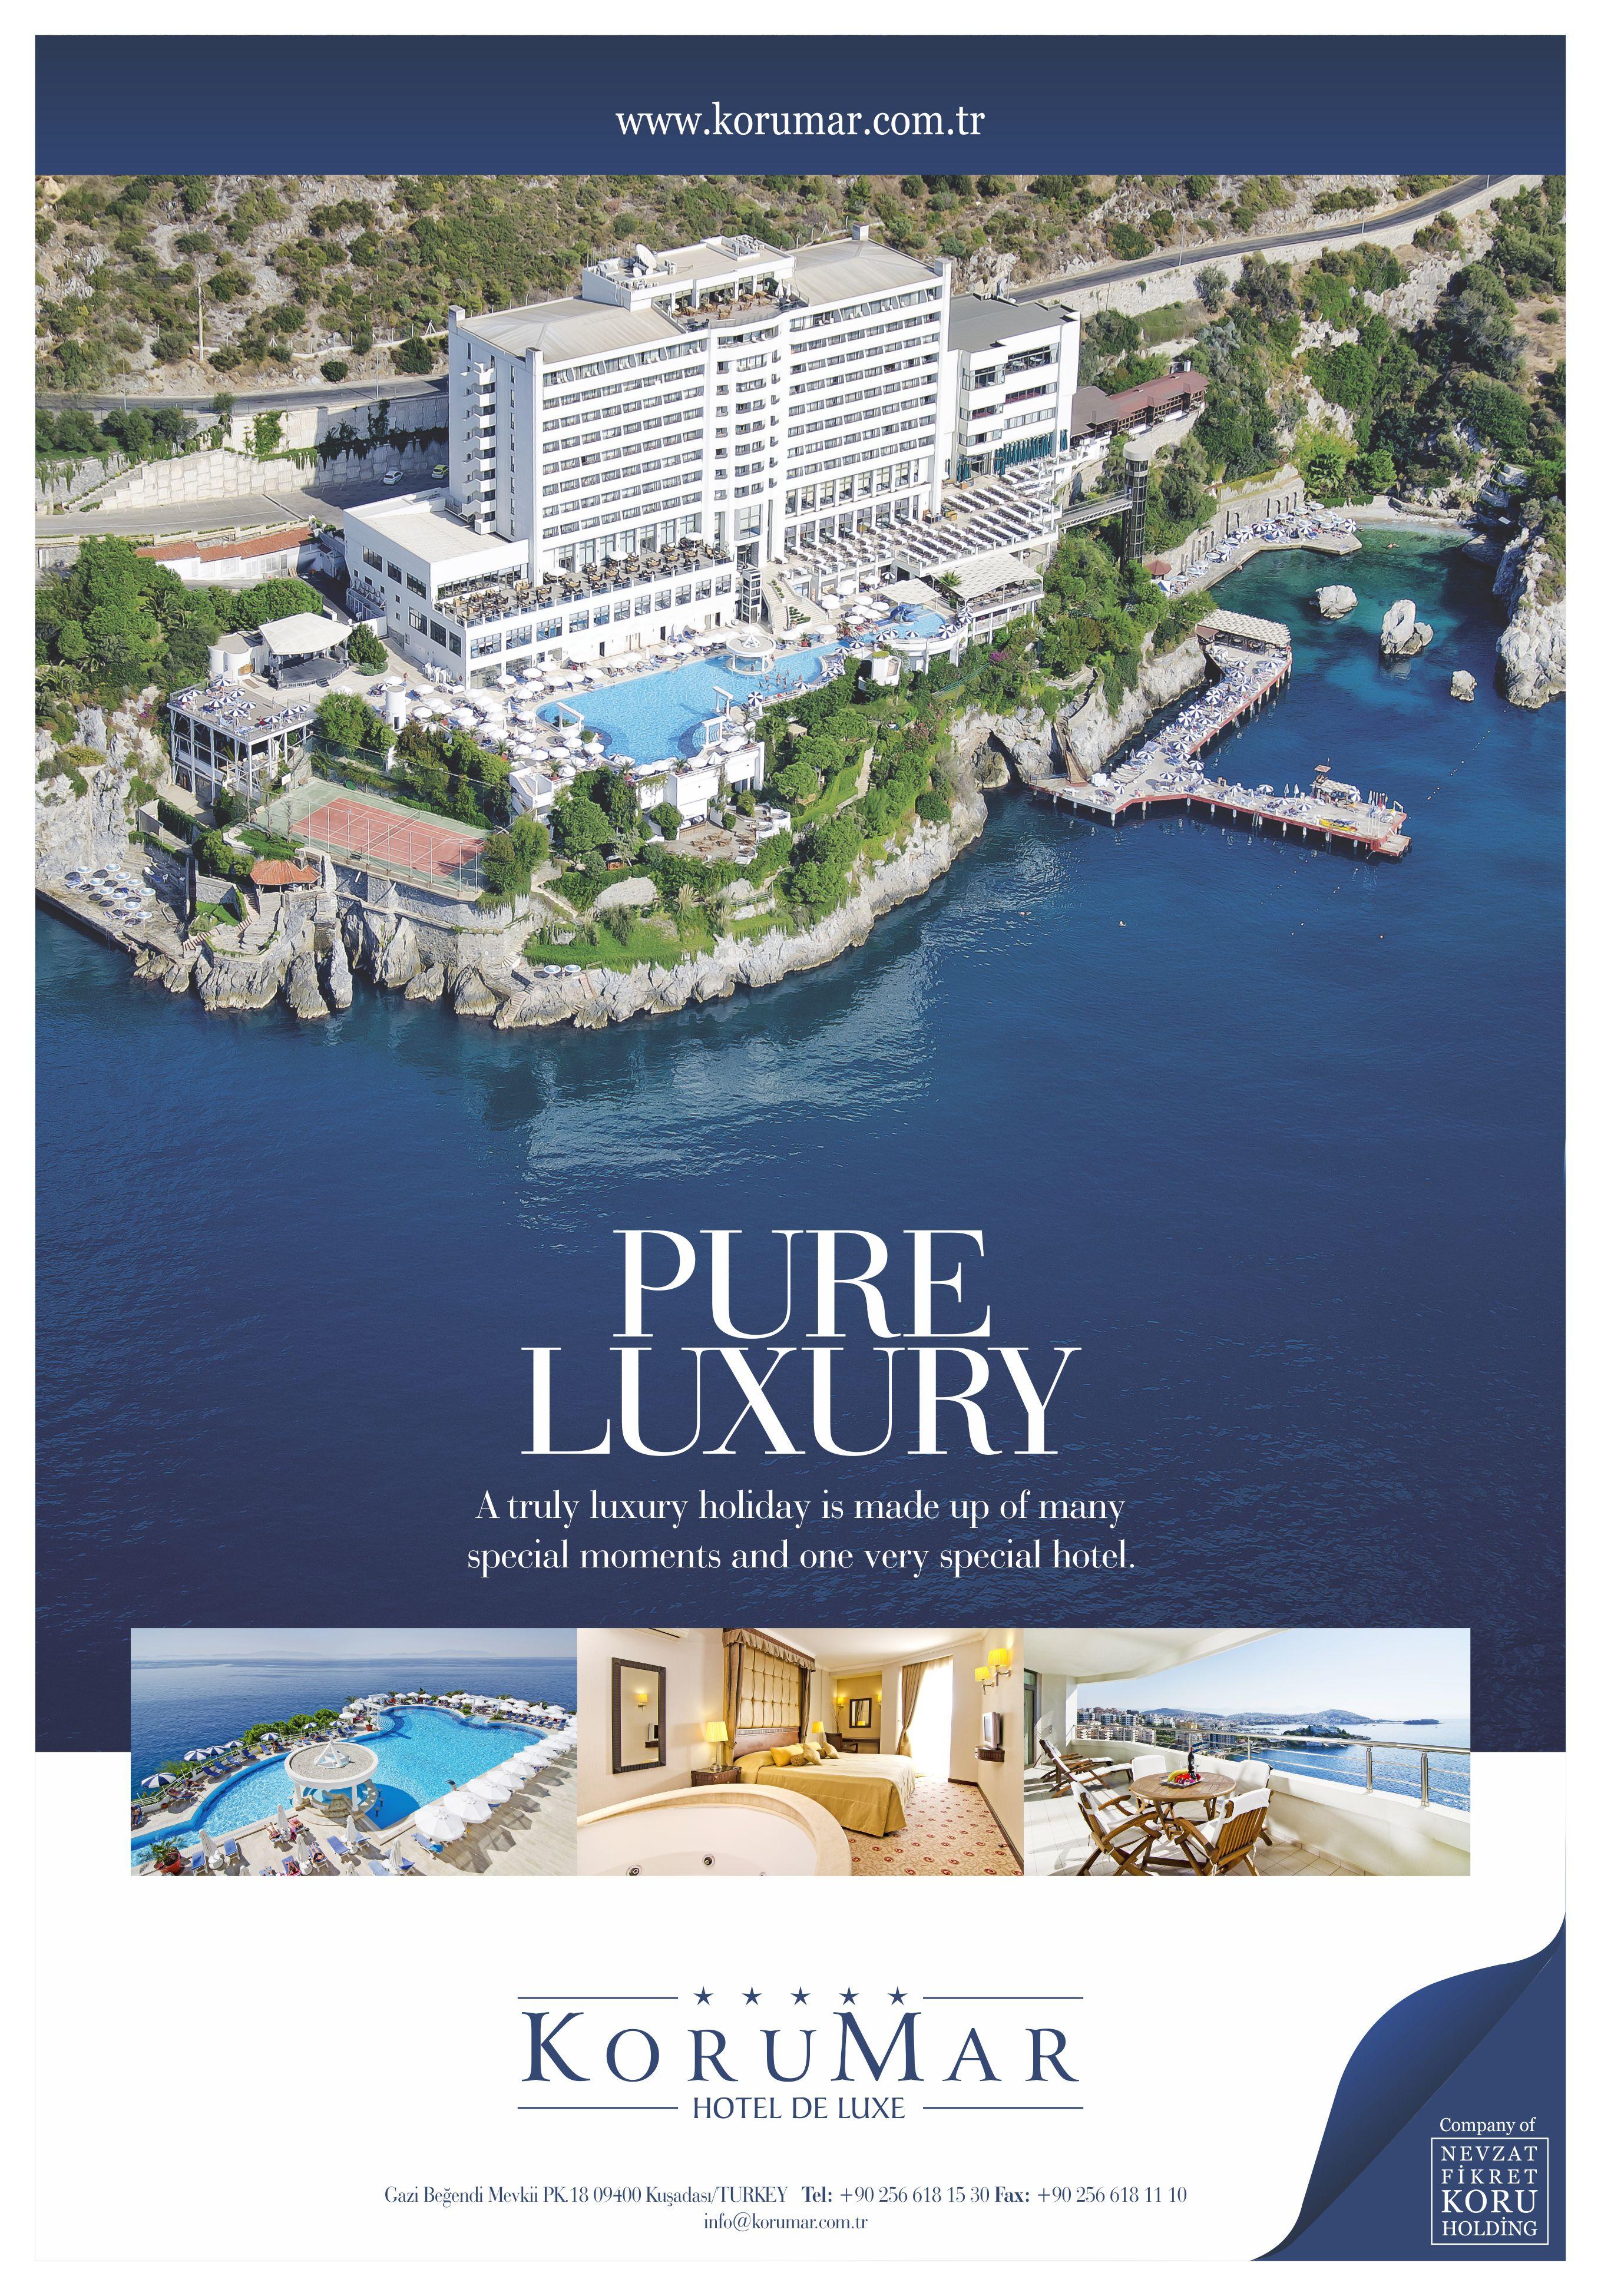 Korumar Hotel De Luxe AD by yalcinakcinar.com | AD DESIGN ...